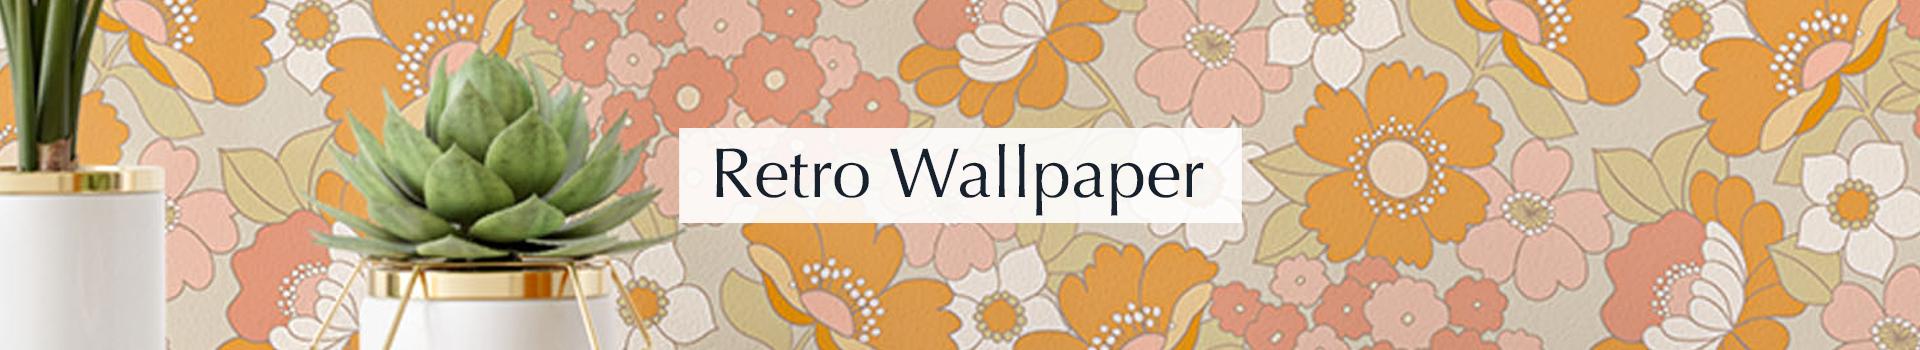 retro-wallpaper.png